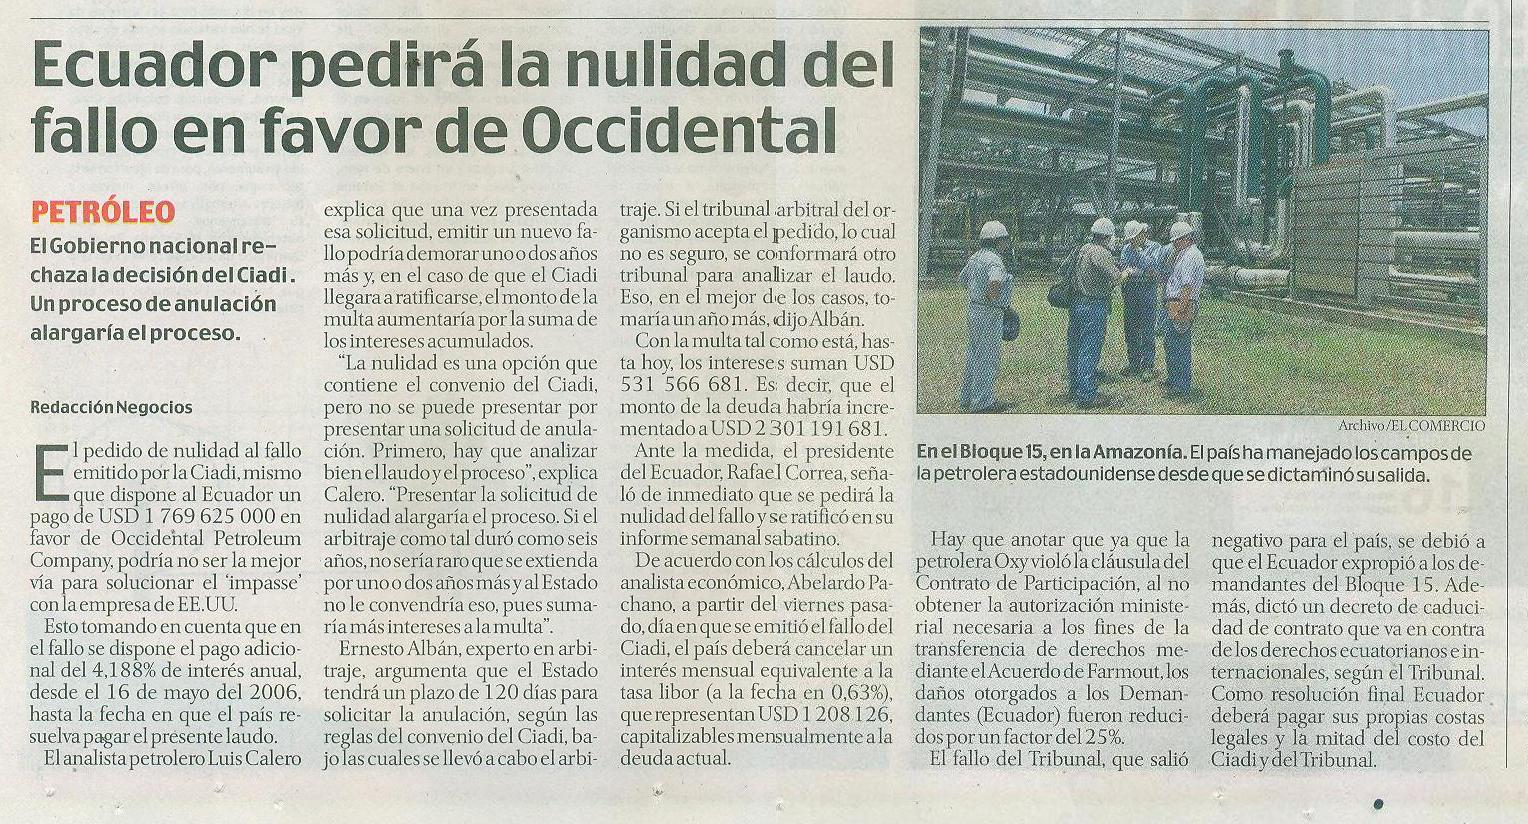 62-El Comercio, Ecuador pedira la nulidad del fallo en favor de Oxy 07 10